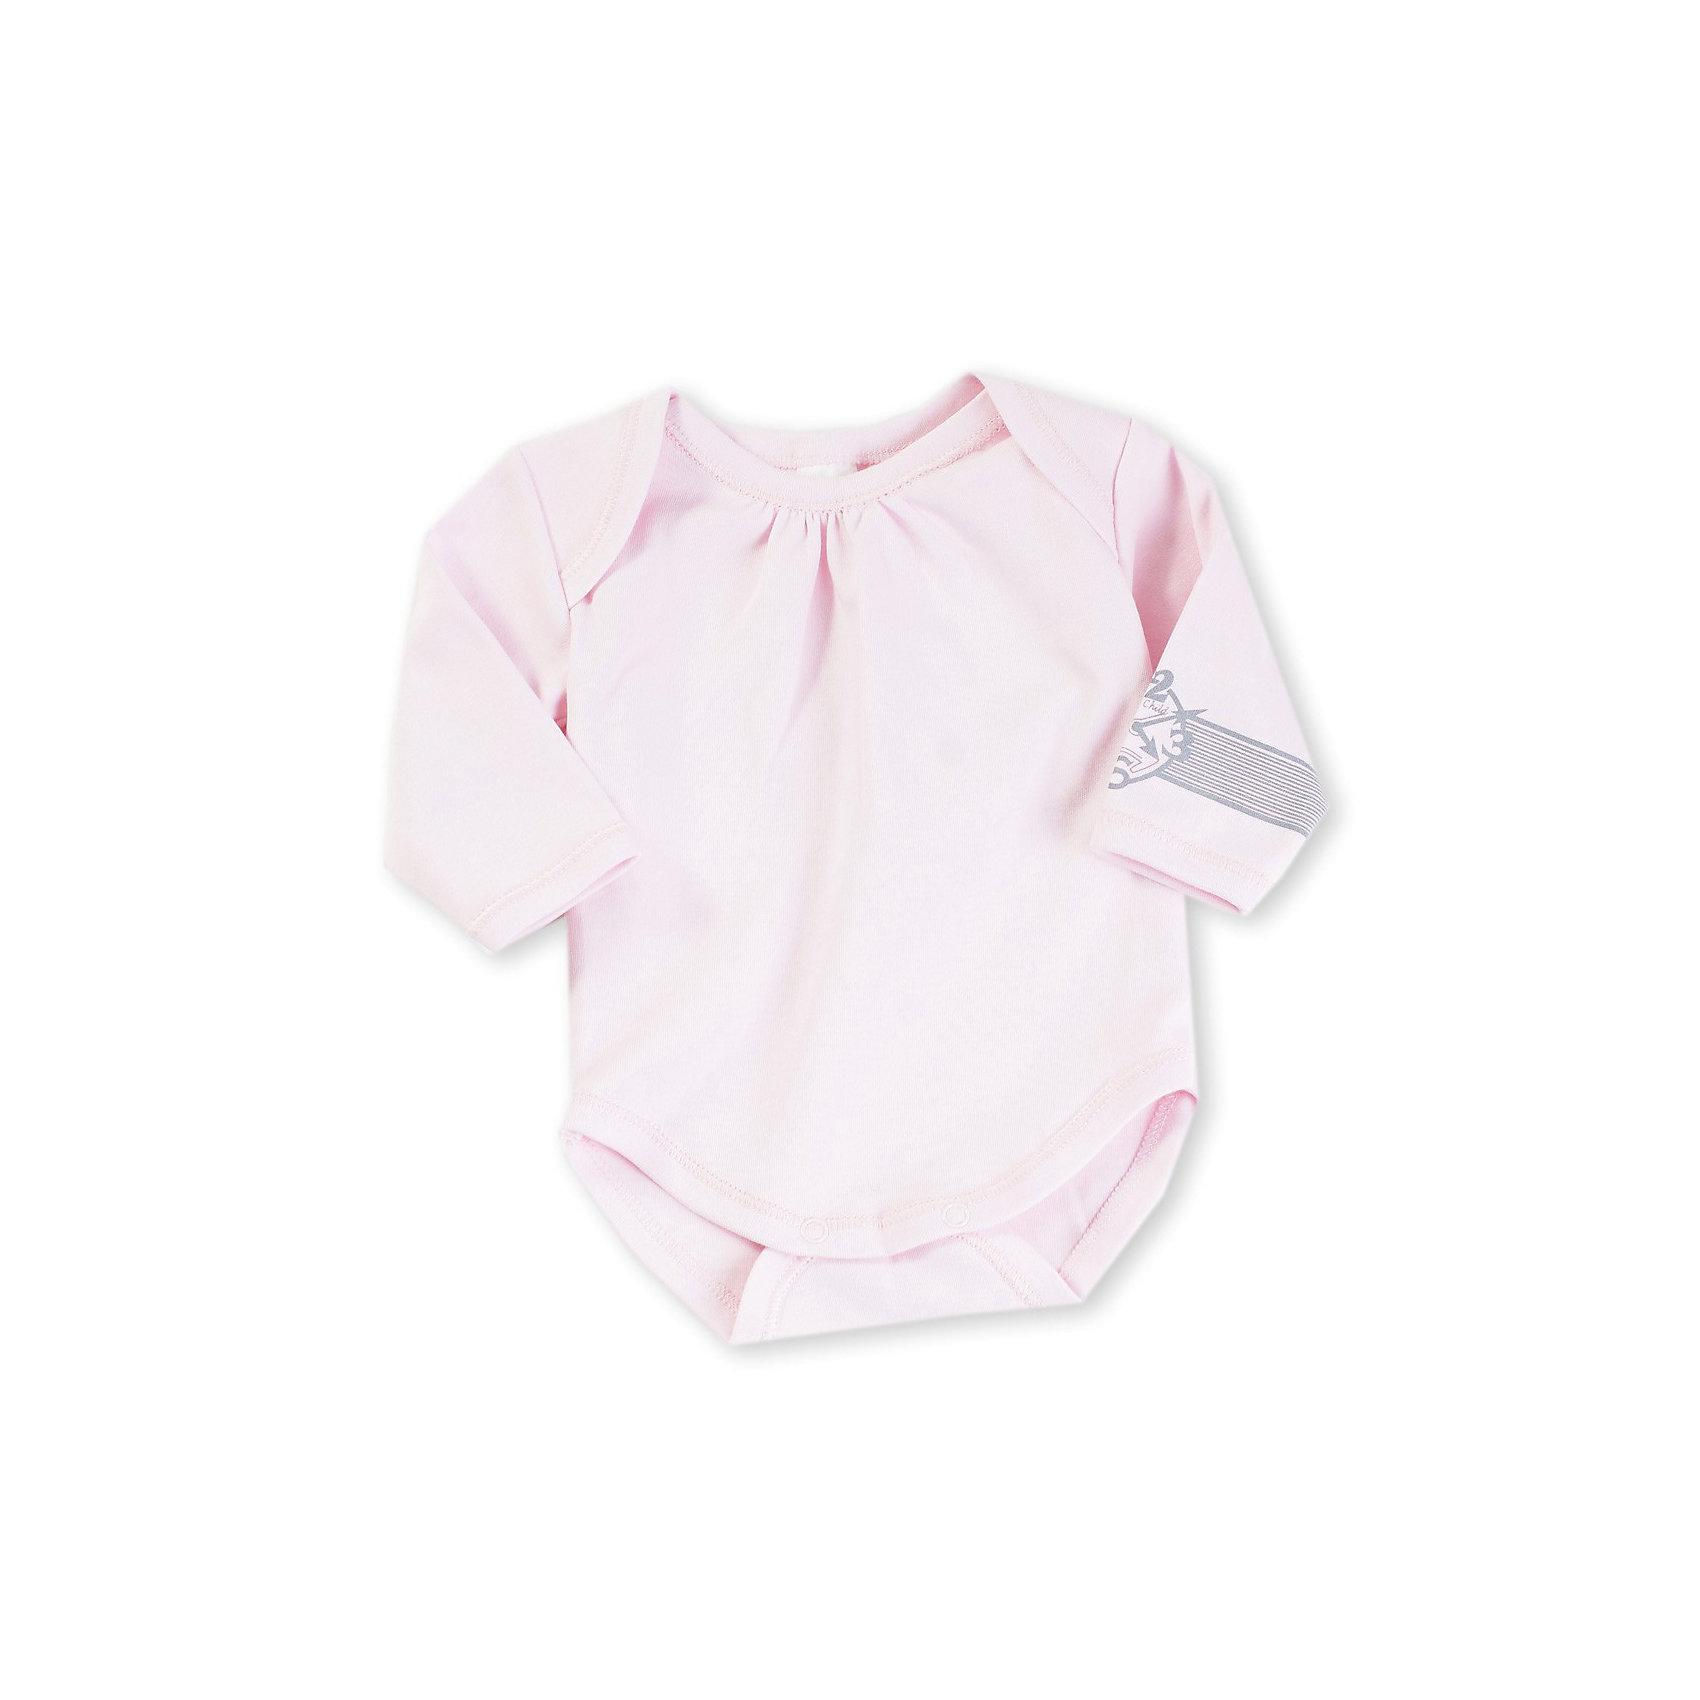 Lucky Child Боди для девочкиСтильное боди с длинным рукавом для юной модницы. Комфортная горловина с запахом. Застегивается на кнопки между ног. Приятный к телу натуральный гипоаллергенный материал (100% хлопок).<br><br>Ширина мм: 157<br>Глубина мм: 13<br>Высота мм: 119<br>Вес г: 200<br>Цвет: розовый<br>Возраст от месяцев: 5<br>Возраст до месяцев: 6<br>Пол: Женский<br>Возраст: Детский<br>Размер: 62/68,68/74,56/62,80/86,74/80<br>SKU: 2635152